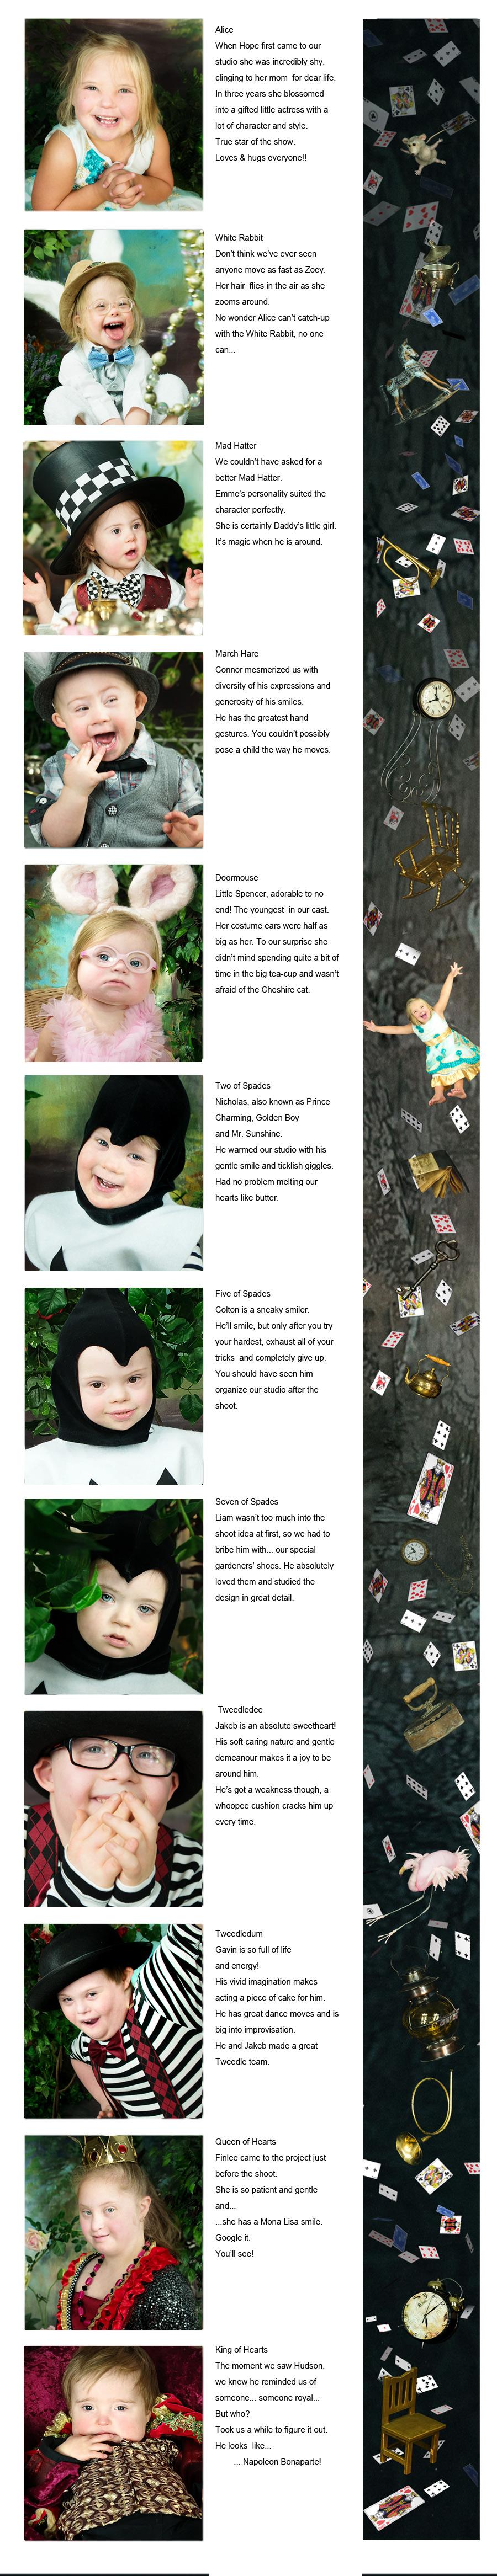 alice-in-wonderland-characters.jpg